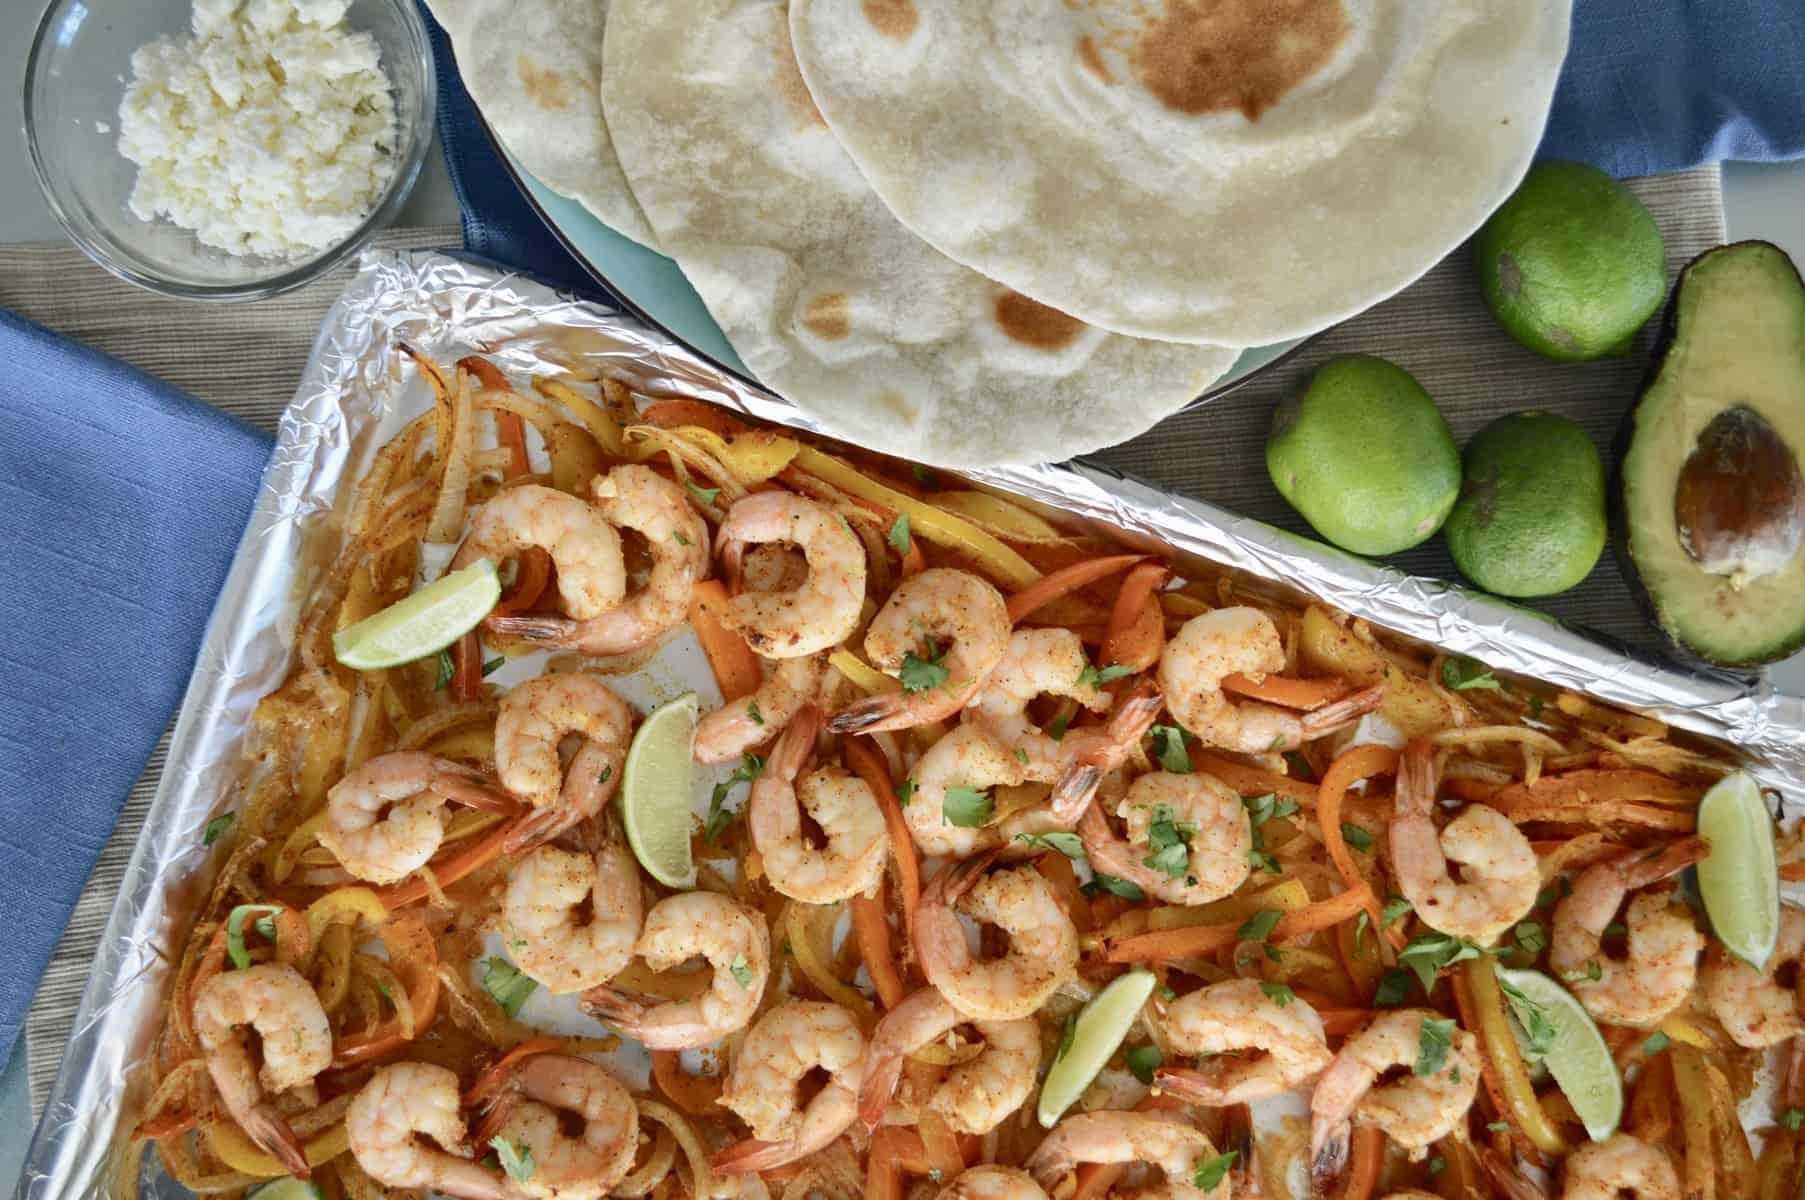 Sheet Pan Shrimp Fajita dinner set up with tortillas and lime